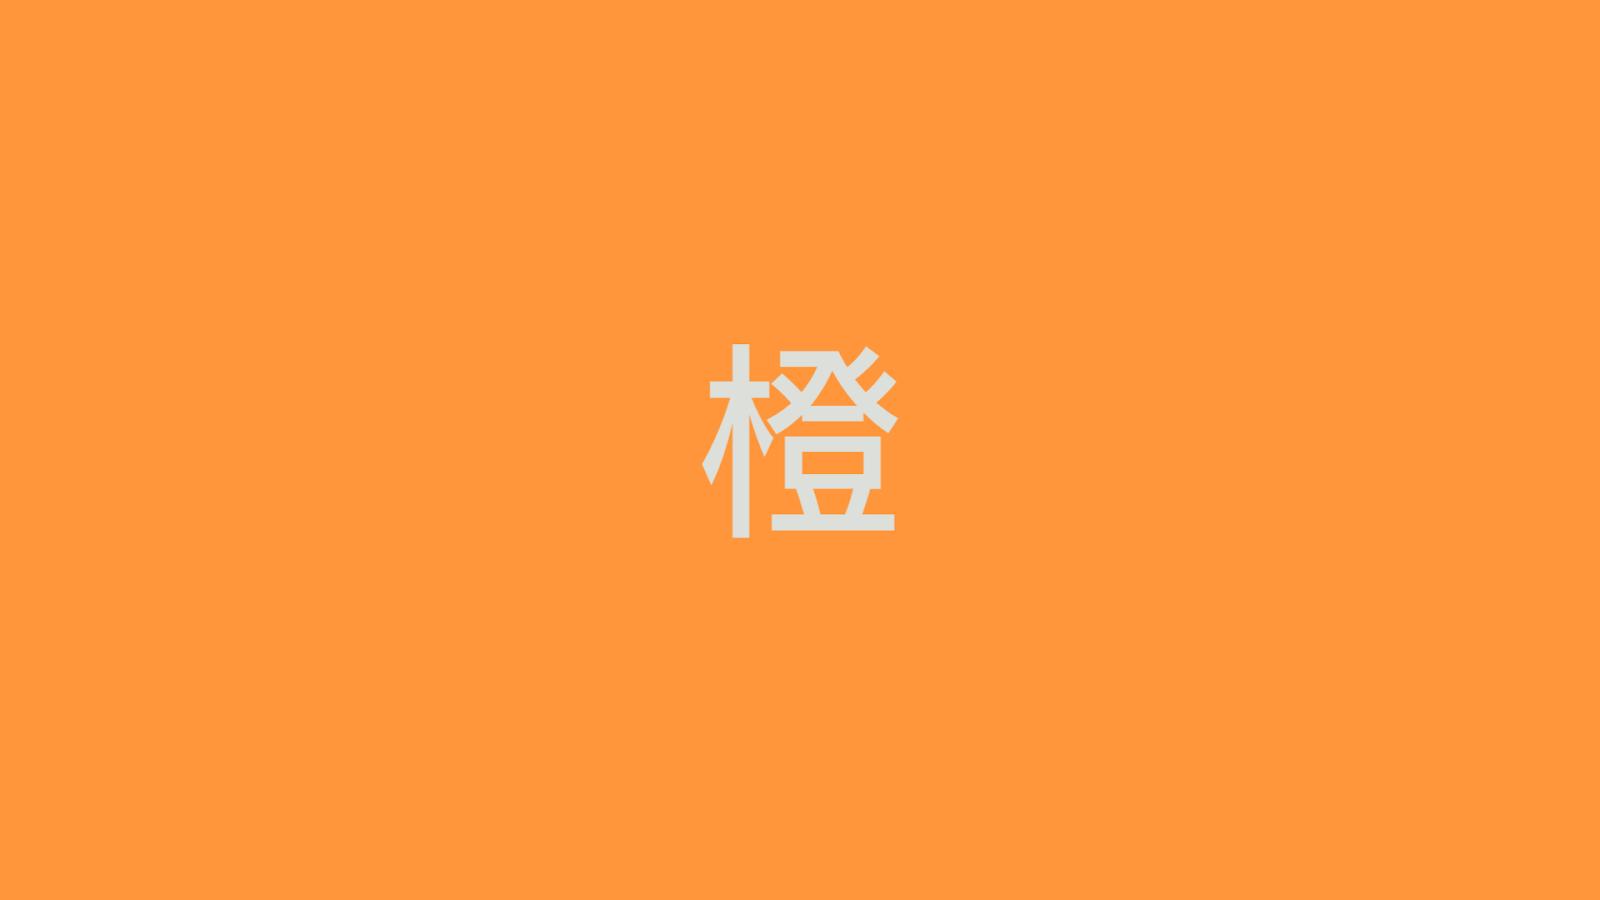 橙の横長の長方形